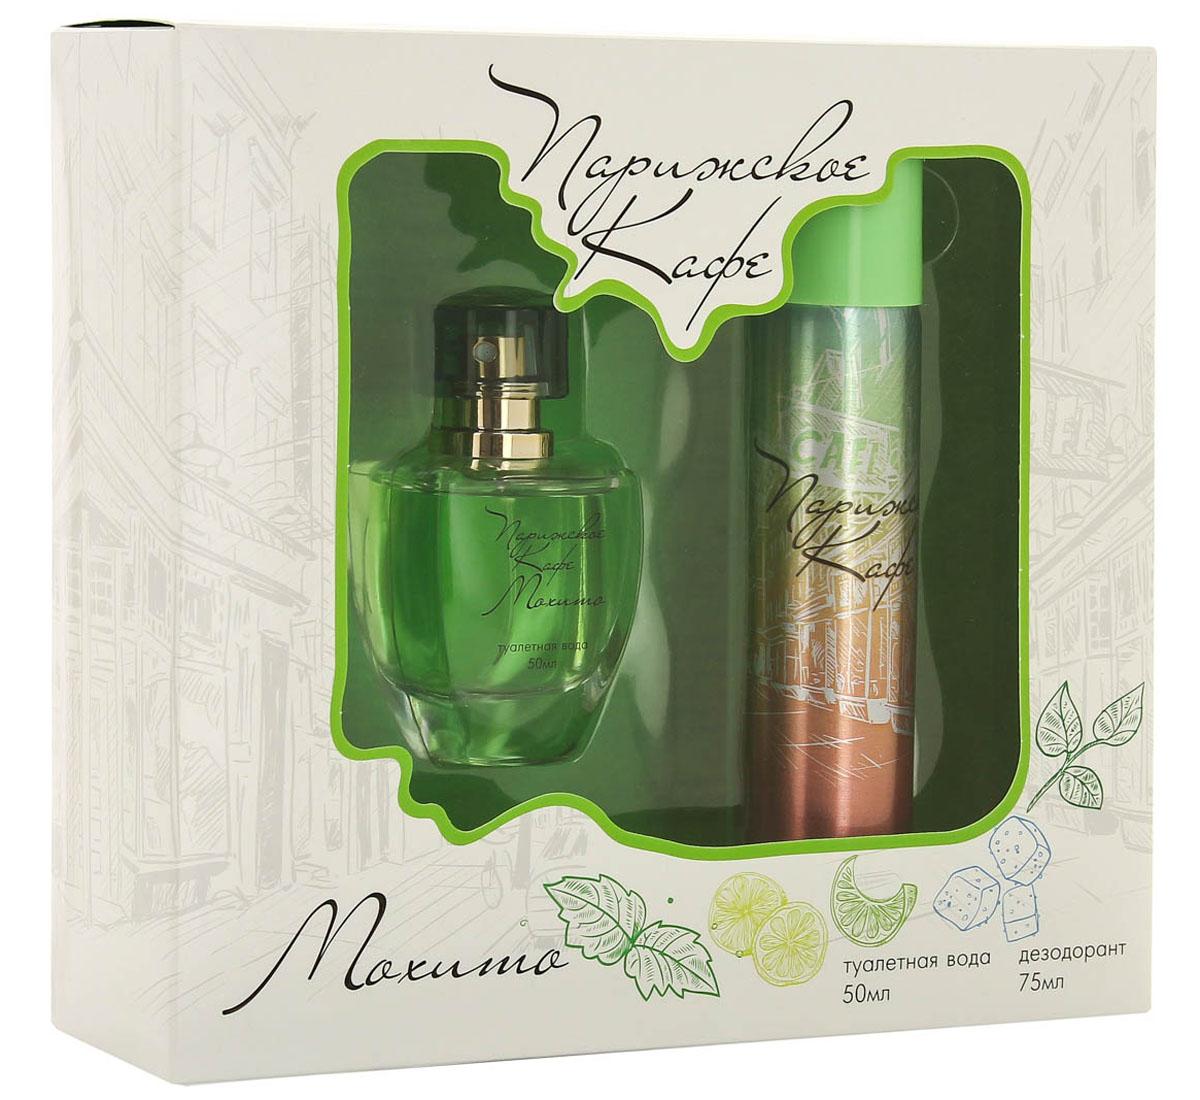 КПК-Парфюм Подарочный набор для женщин Парижское кафе: Мохито: Туалетная вода, 50 мл + Парфюмированный дезодорант, 75 мл1301210ПАРИЖСКОЕ КАФЕ МОХИТО - это аромат для женщин. Верхние ноты : бергамот, лимон, вербена; ноты сердца: базилик, кардамон, имбирь, роза, жасмин; ноты базы: белый мускус.